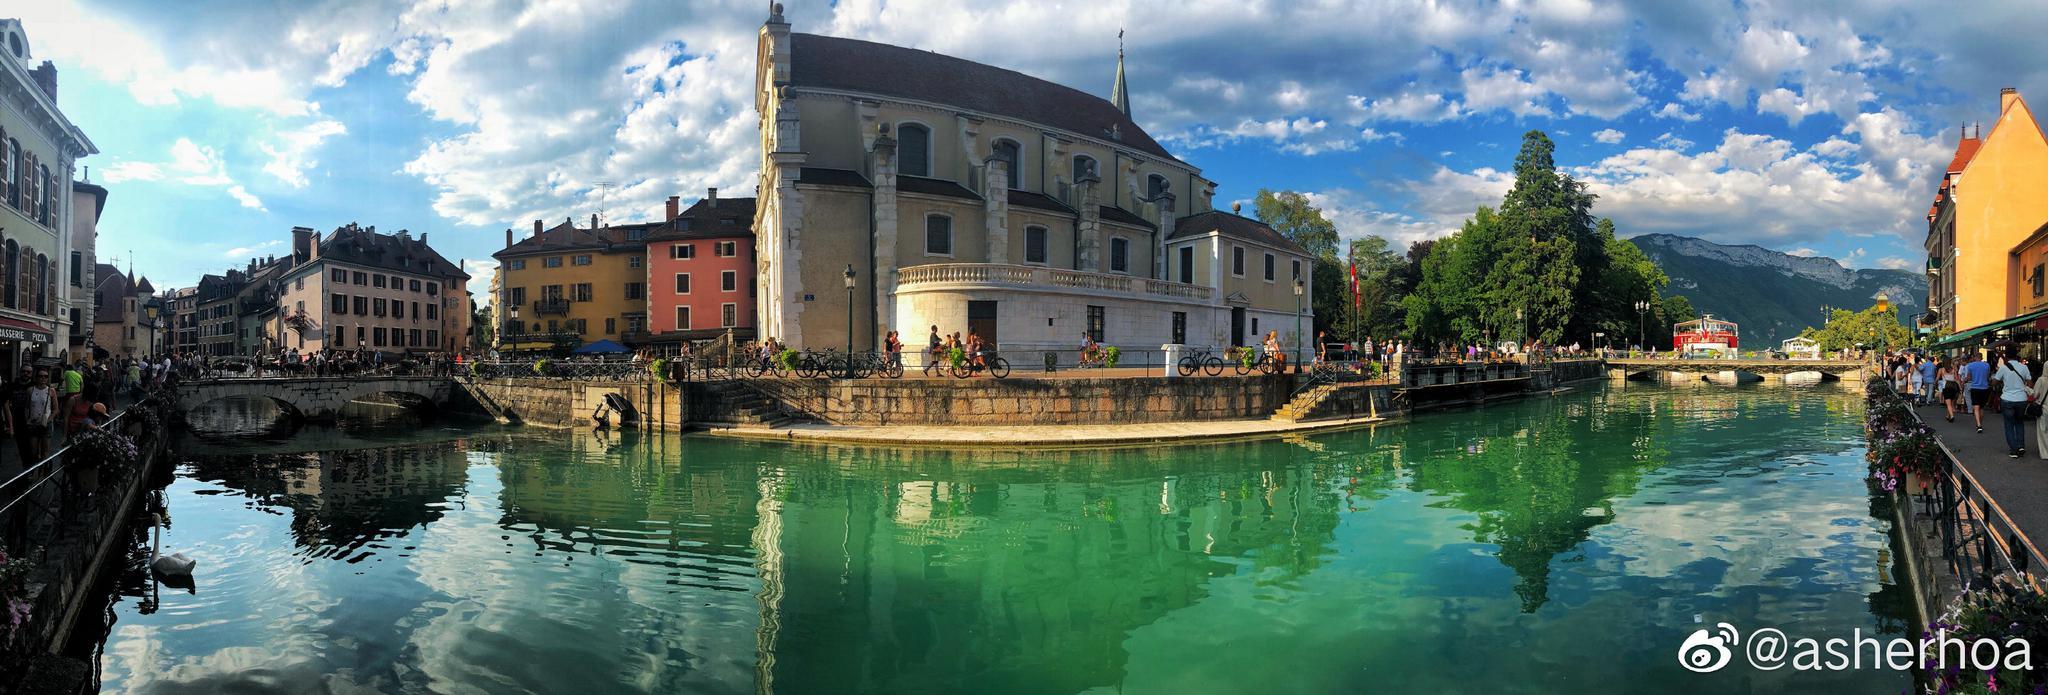 法国东部萨瓦省省会阿讷西(Annecy)位于阿尔卑斯山阿讷西湖北岸